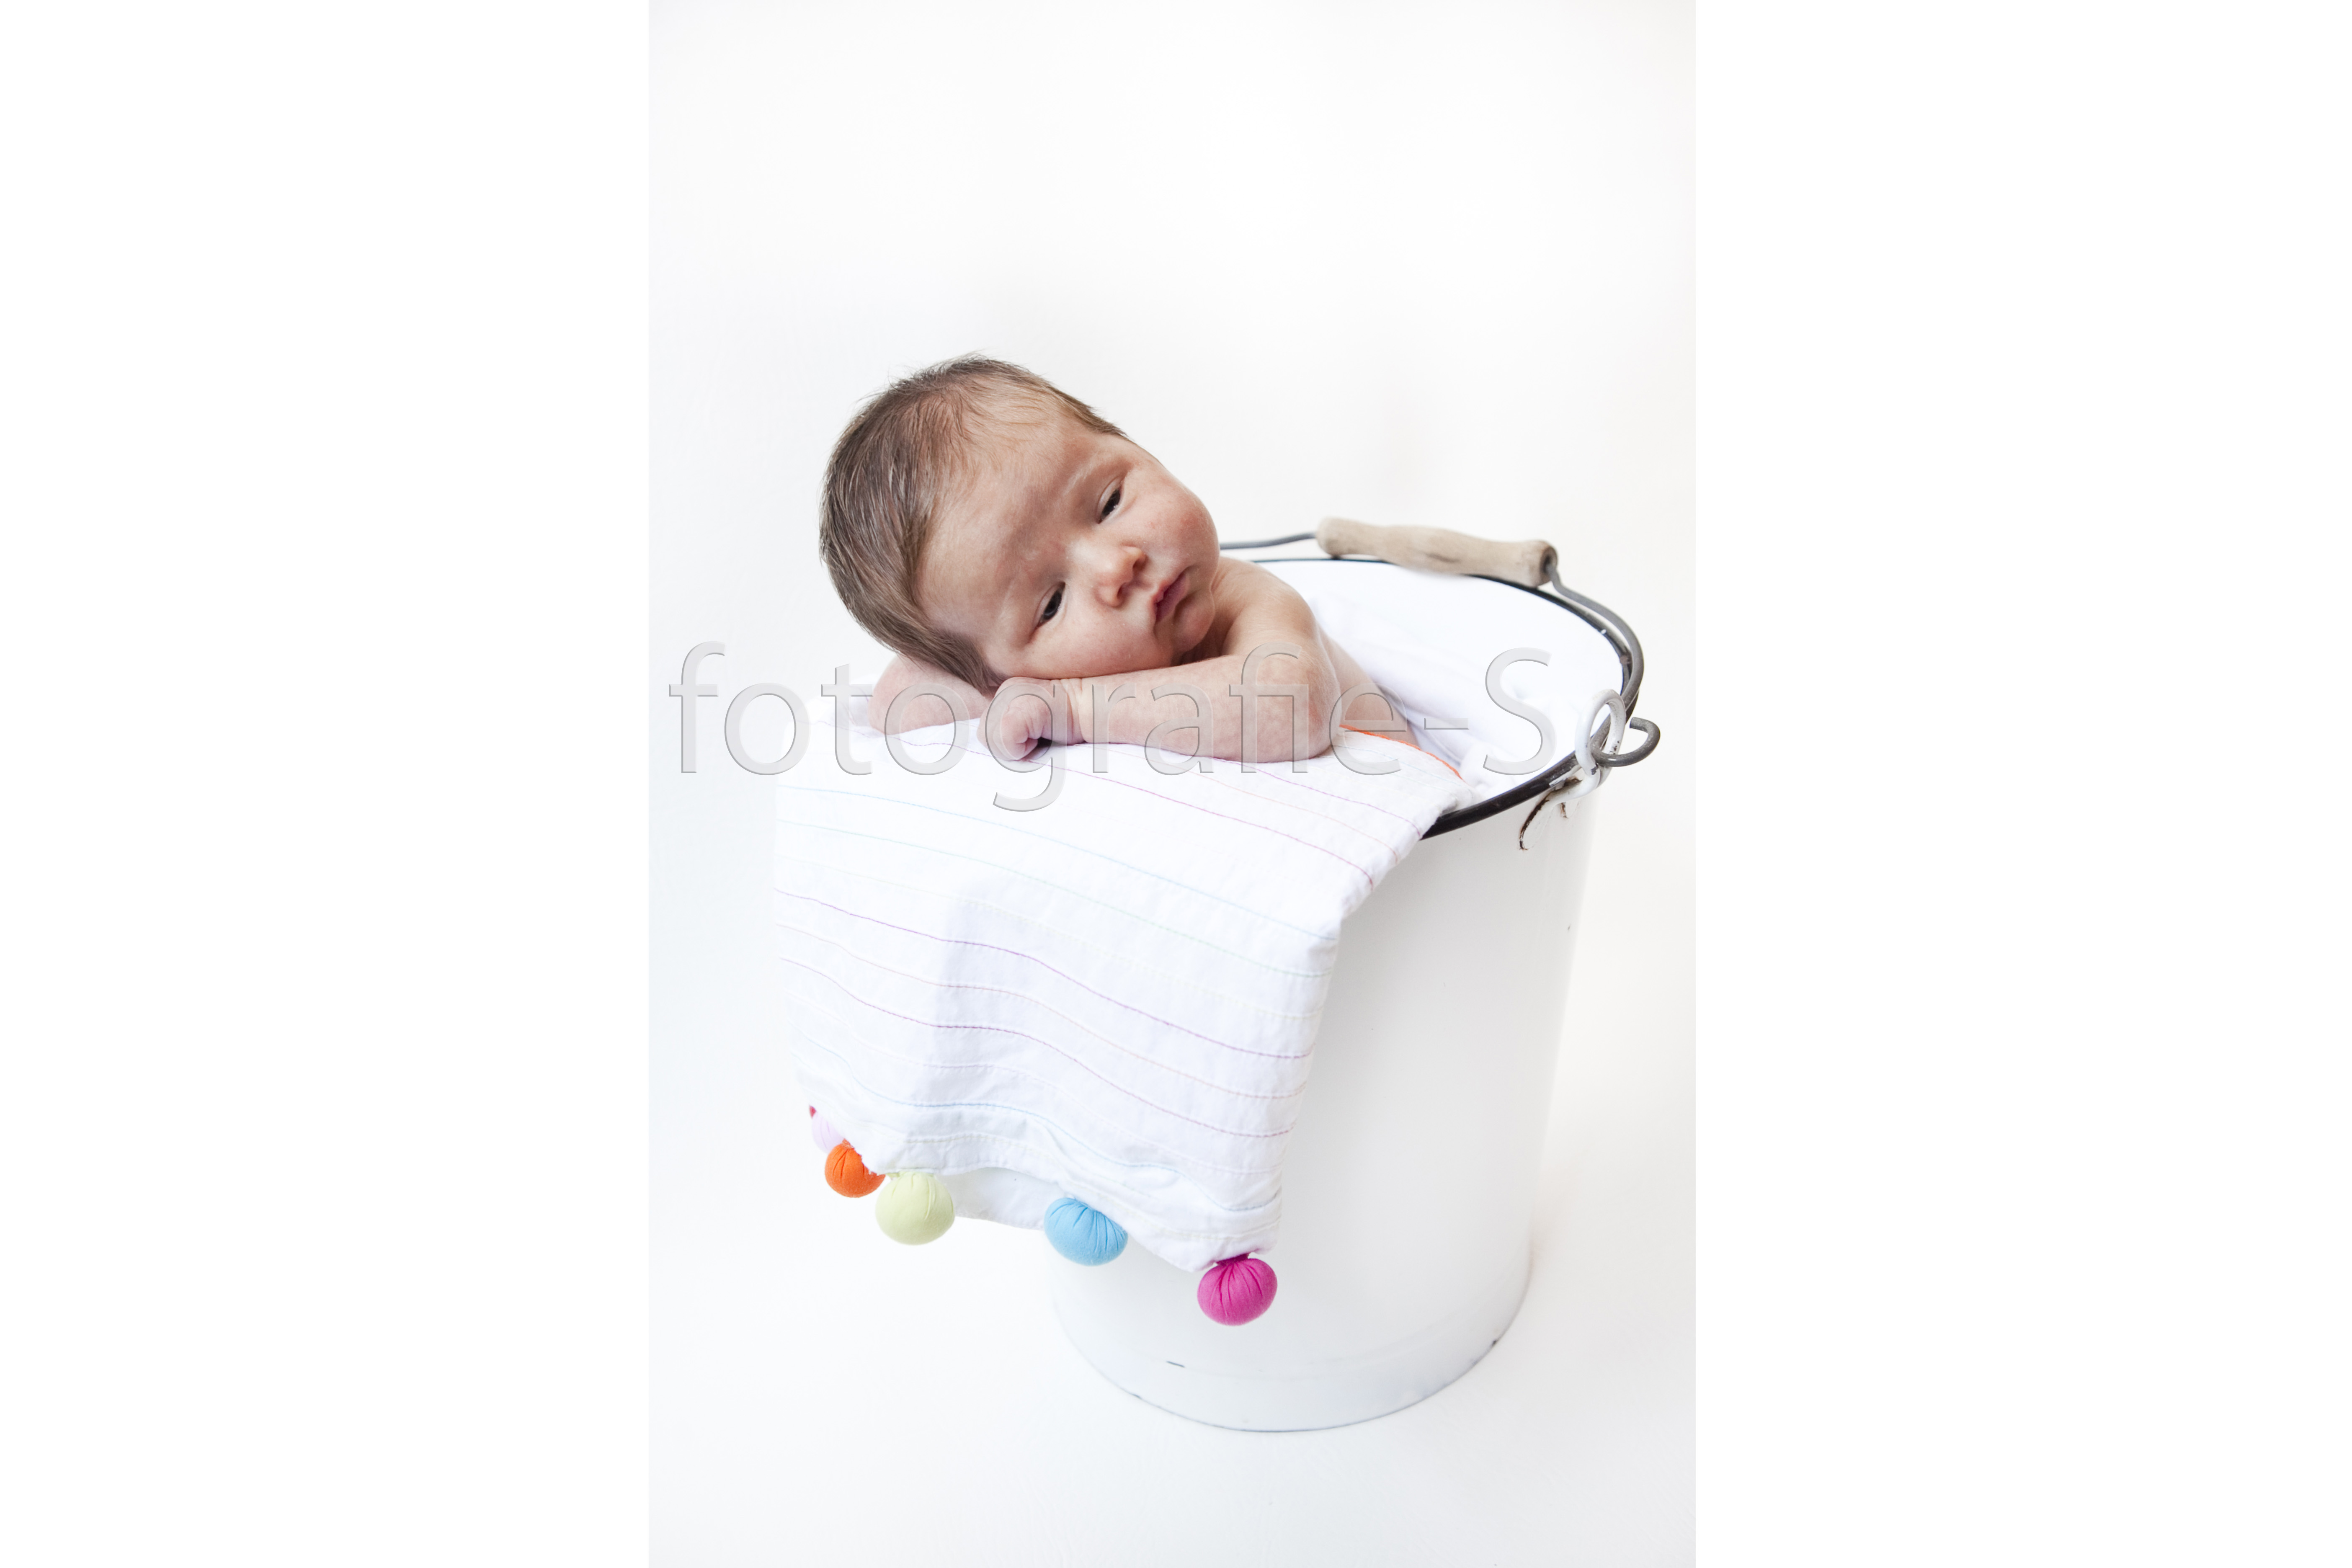 fotografie-s fotograaf voor new born